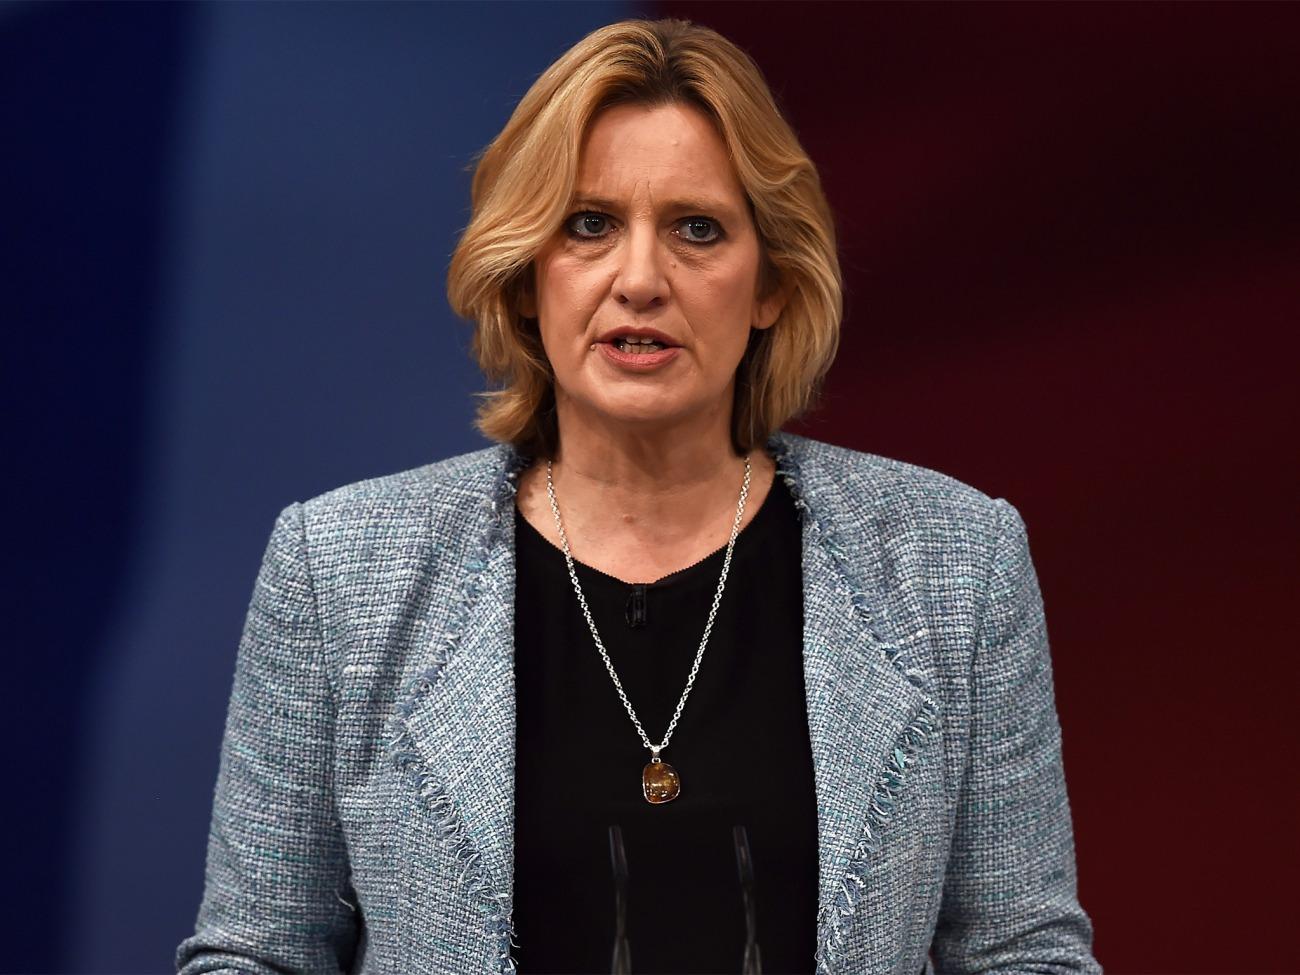 La ministra de Interior Amber Rudd